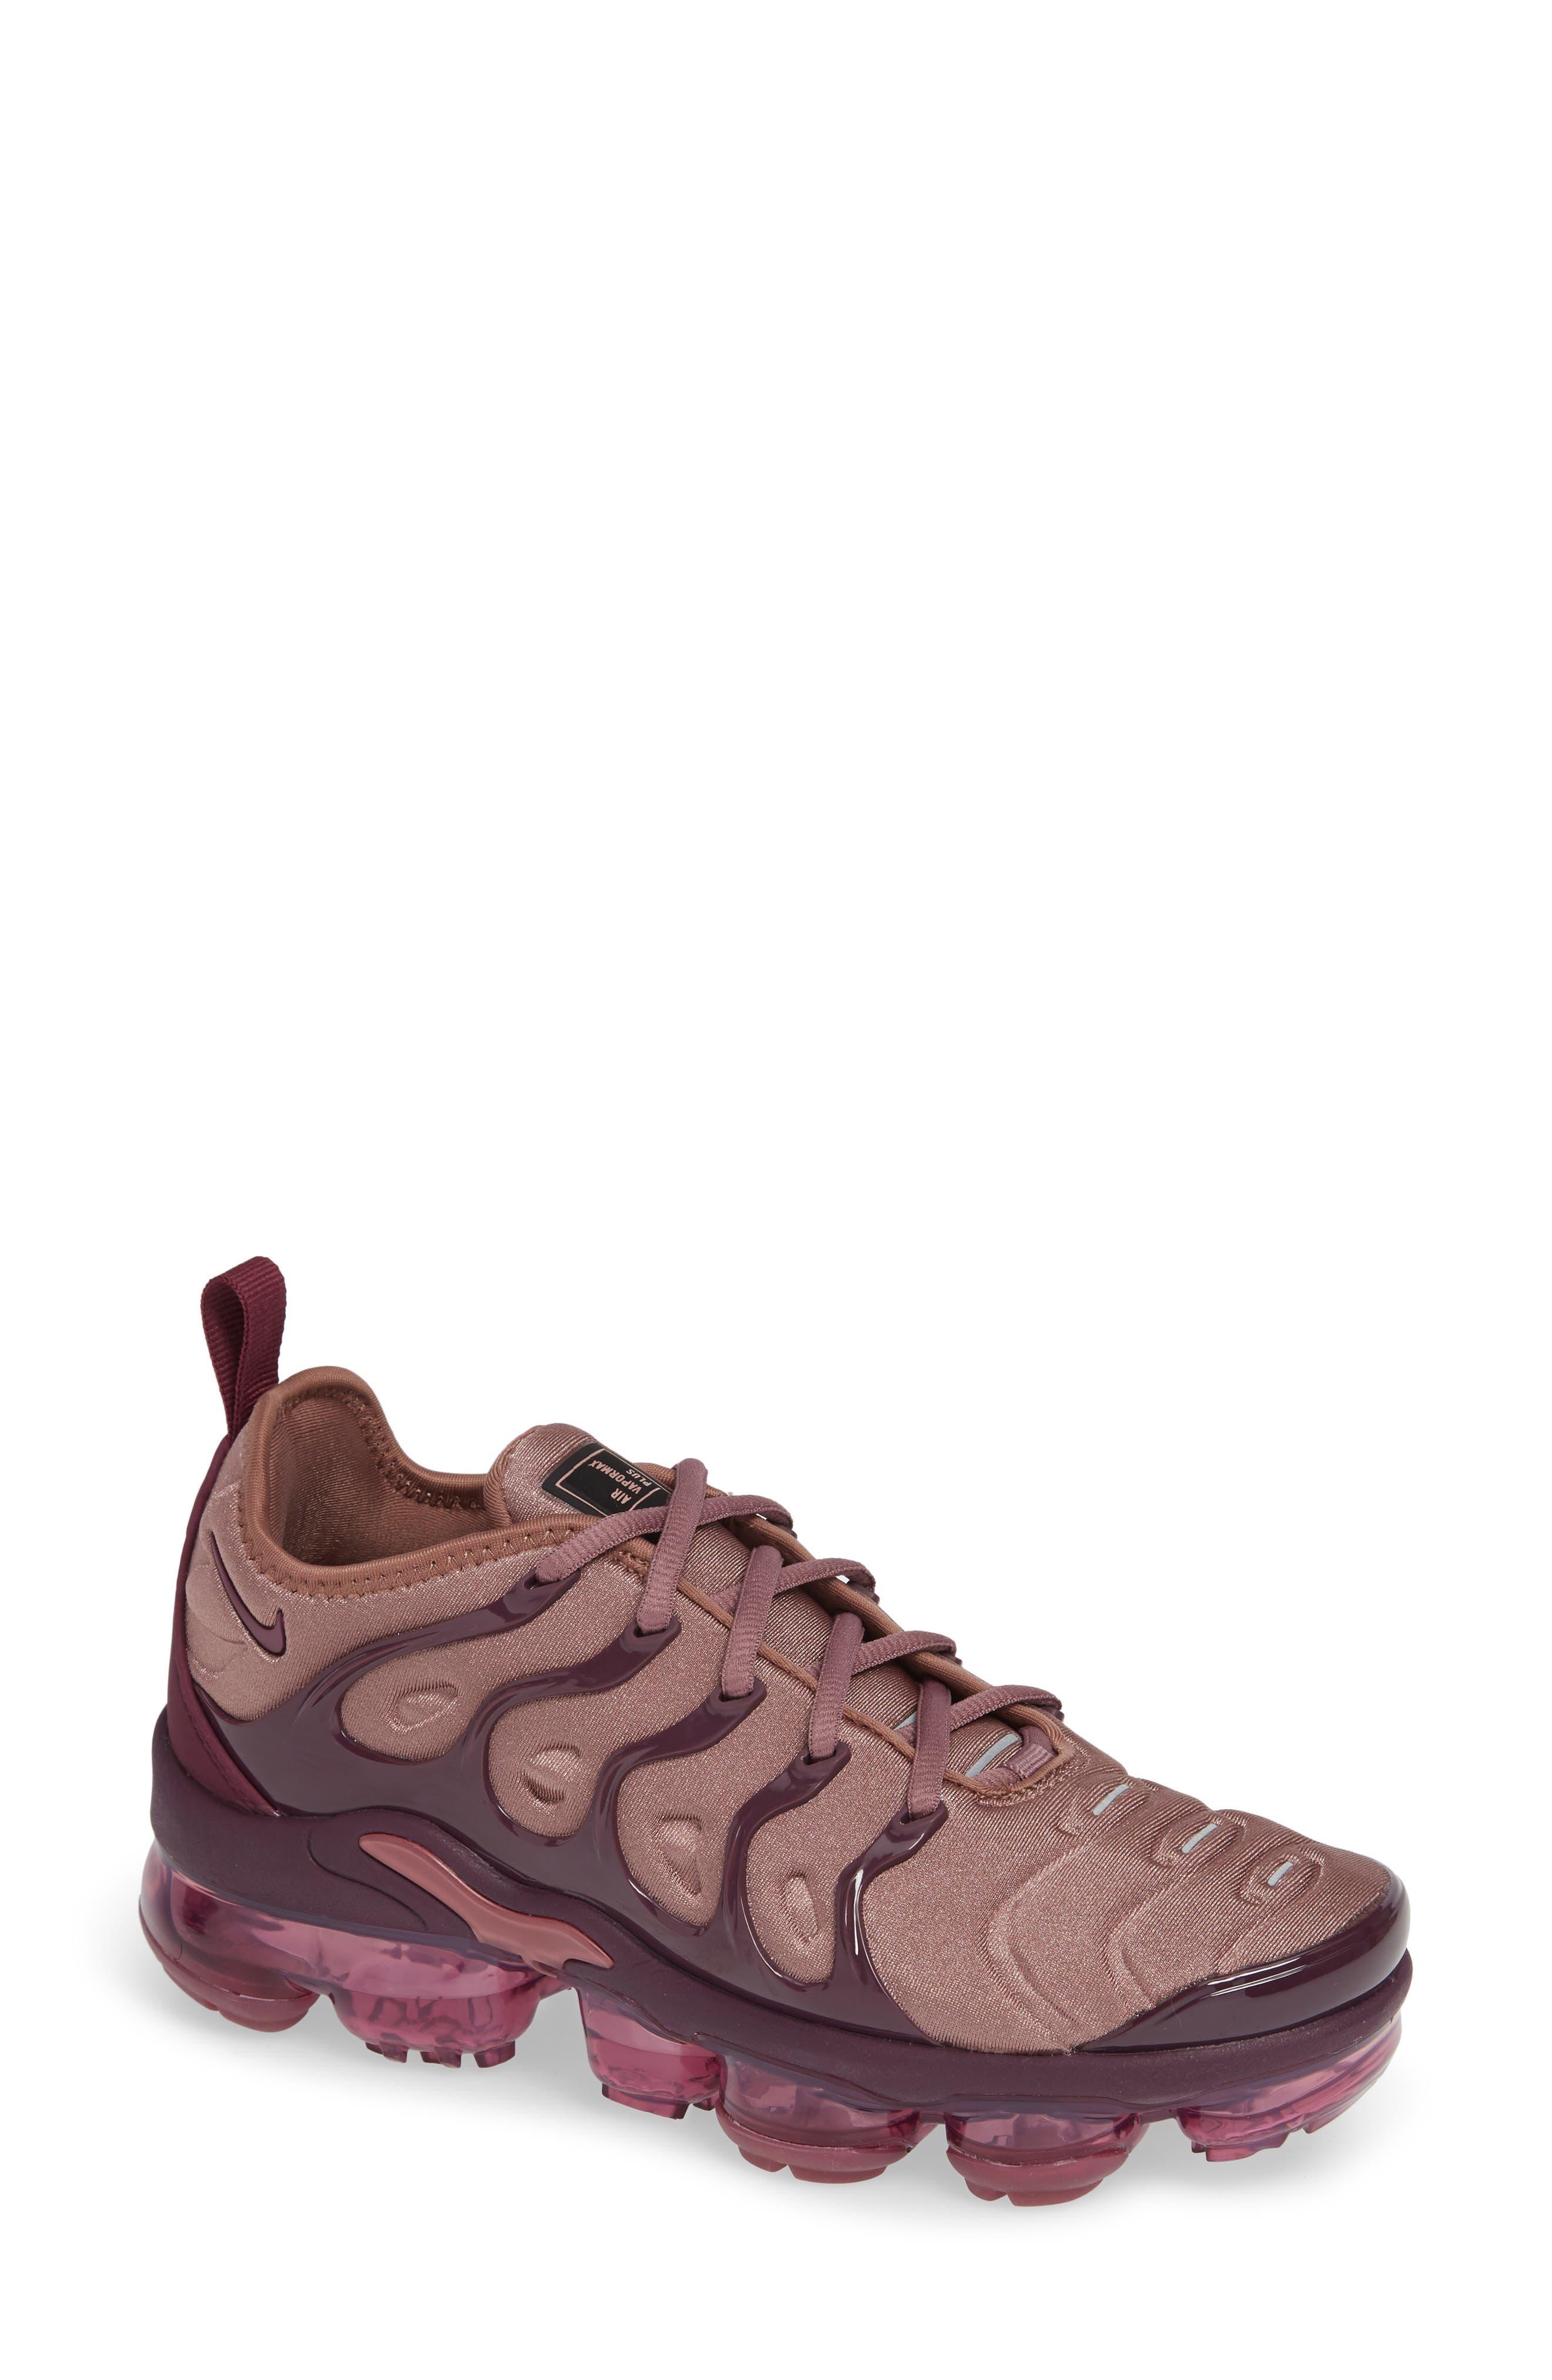 Air VaporMax Plus Sneaker,                         Main,                         color, MAUVE/ BORDEAUX/ WINE/ BLACK